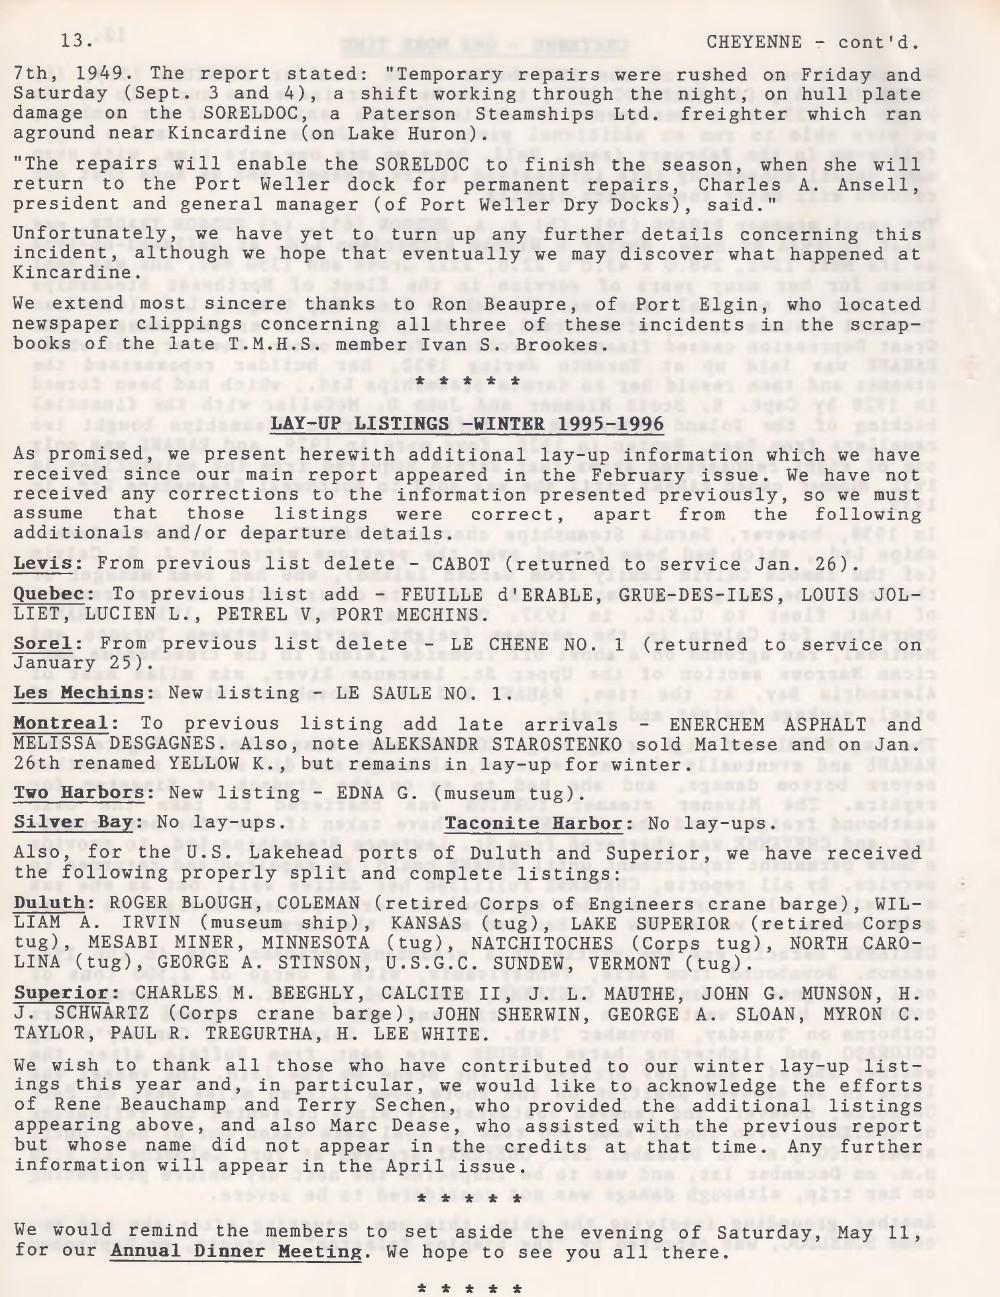 Scanner, v. 28, no. 6 (March 1996)